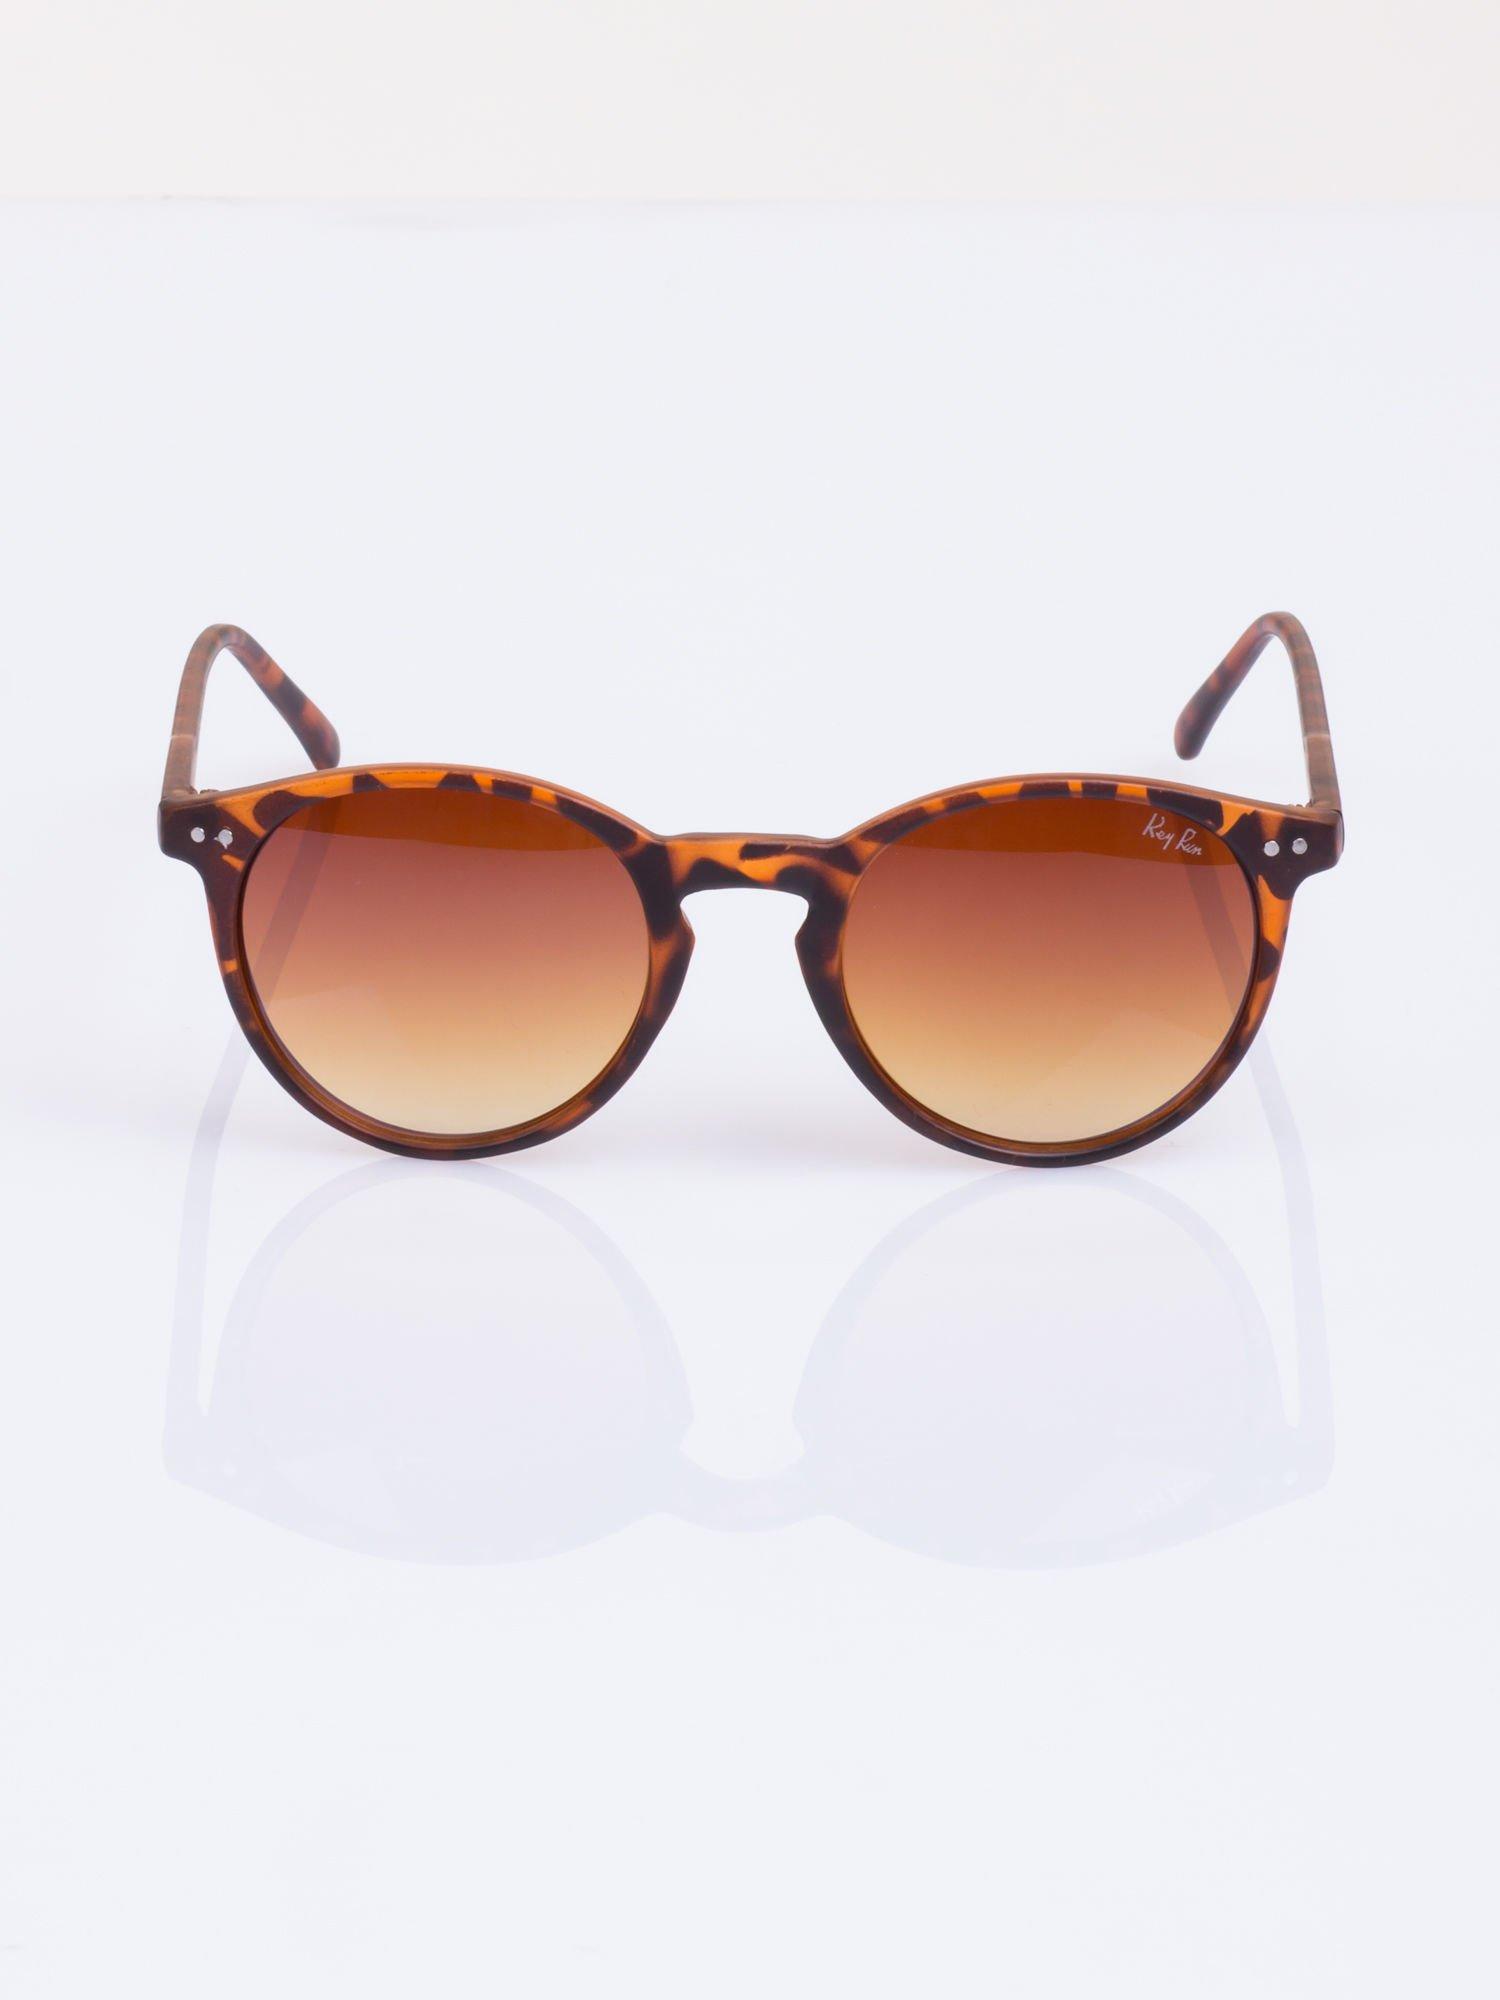 Pantera okulary gwiazd w stylu Ray Ban ROUND                                   zdj.                                  3